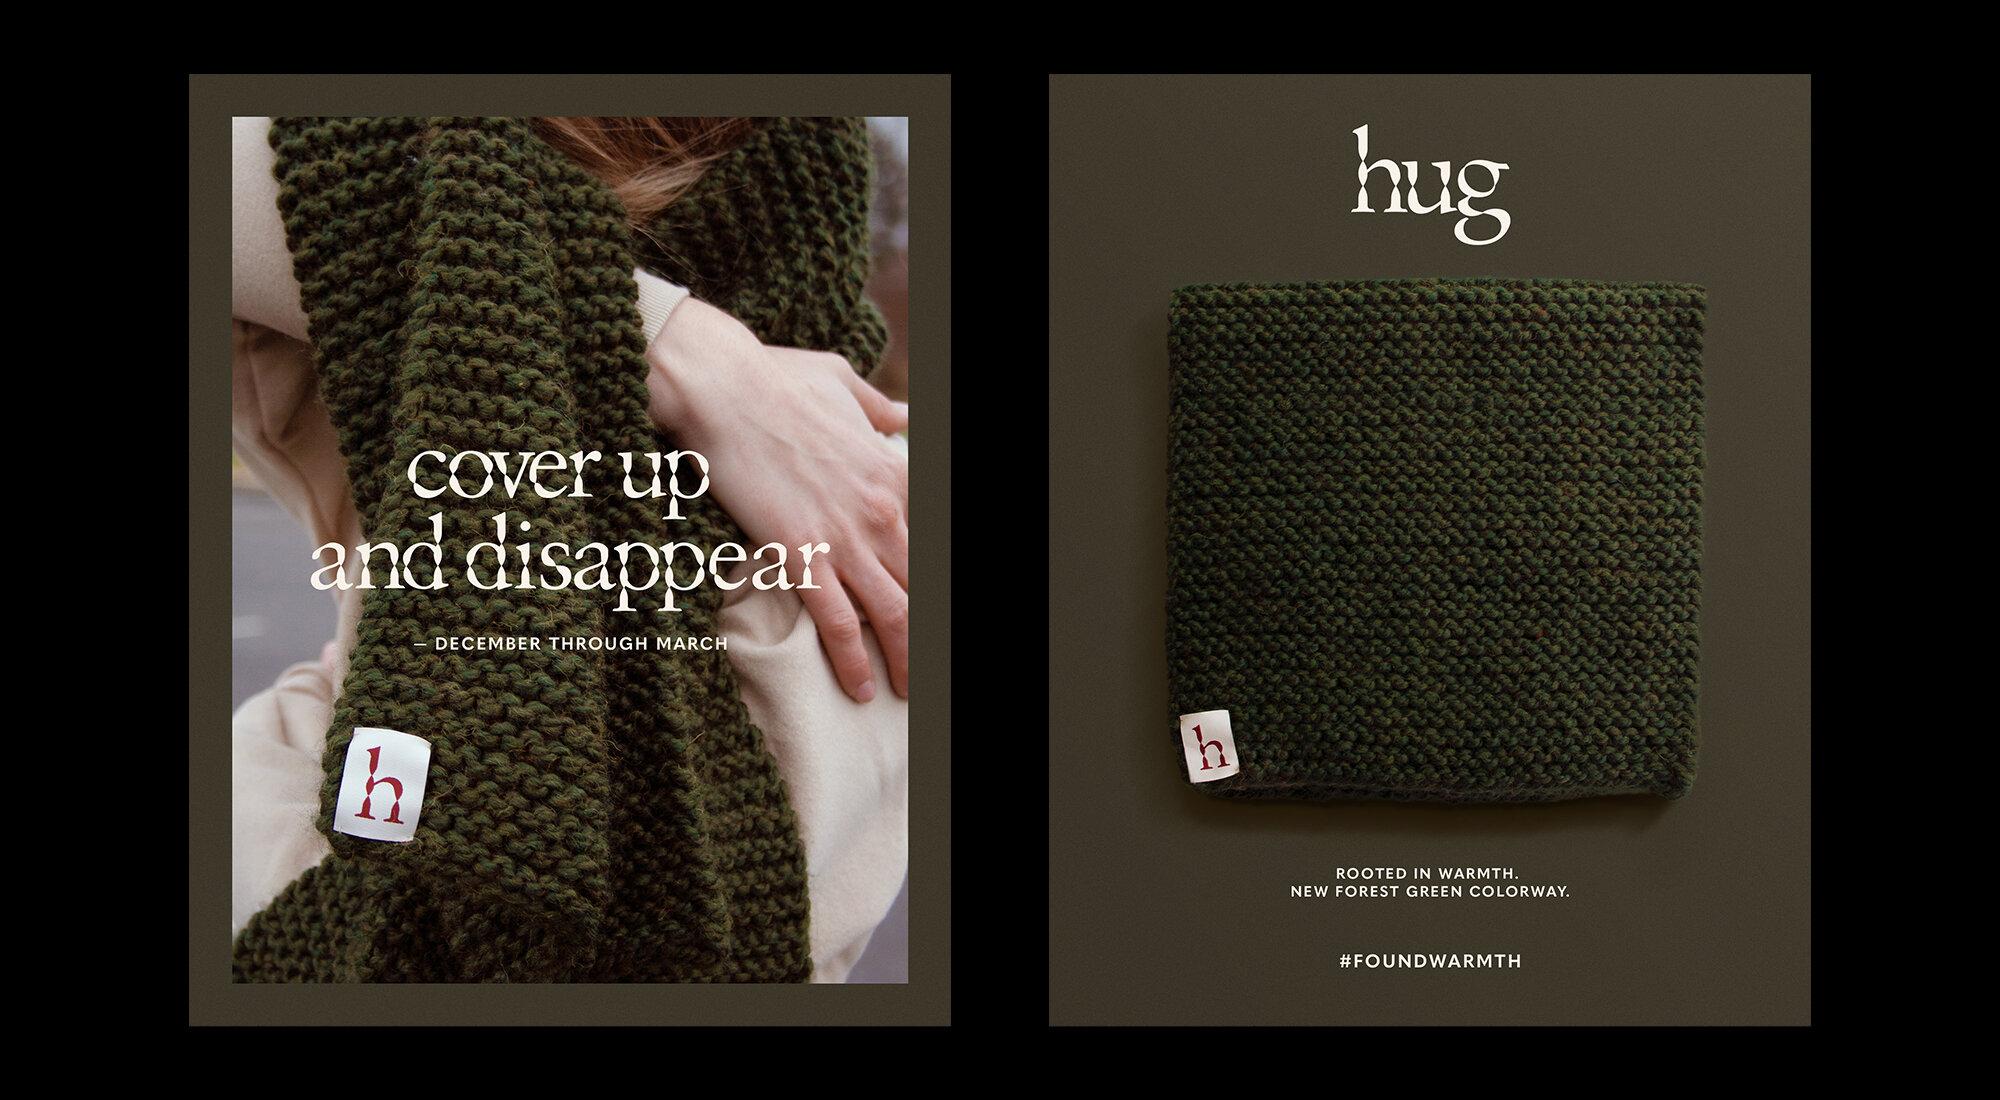 Hug_02.jpg